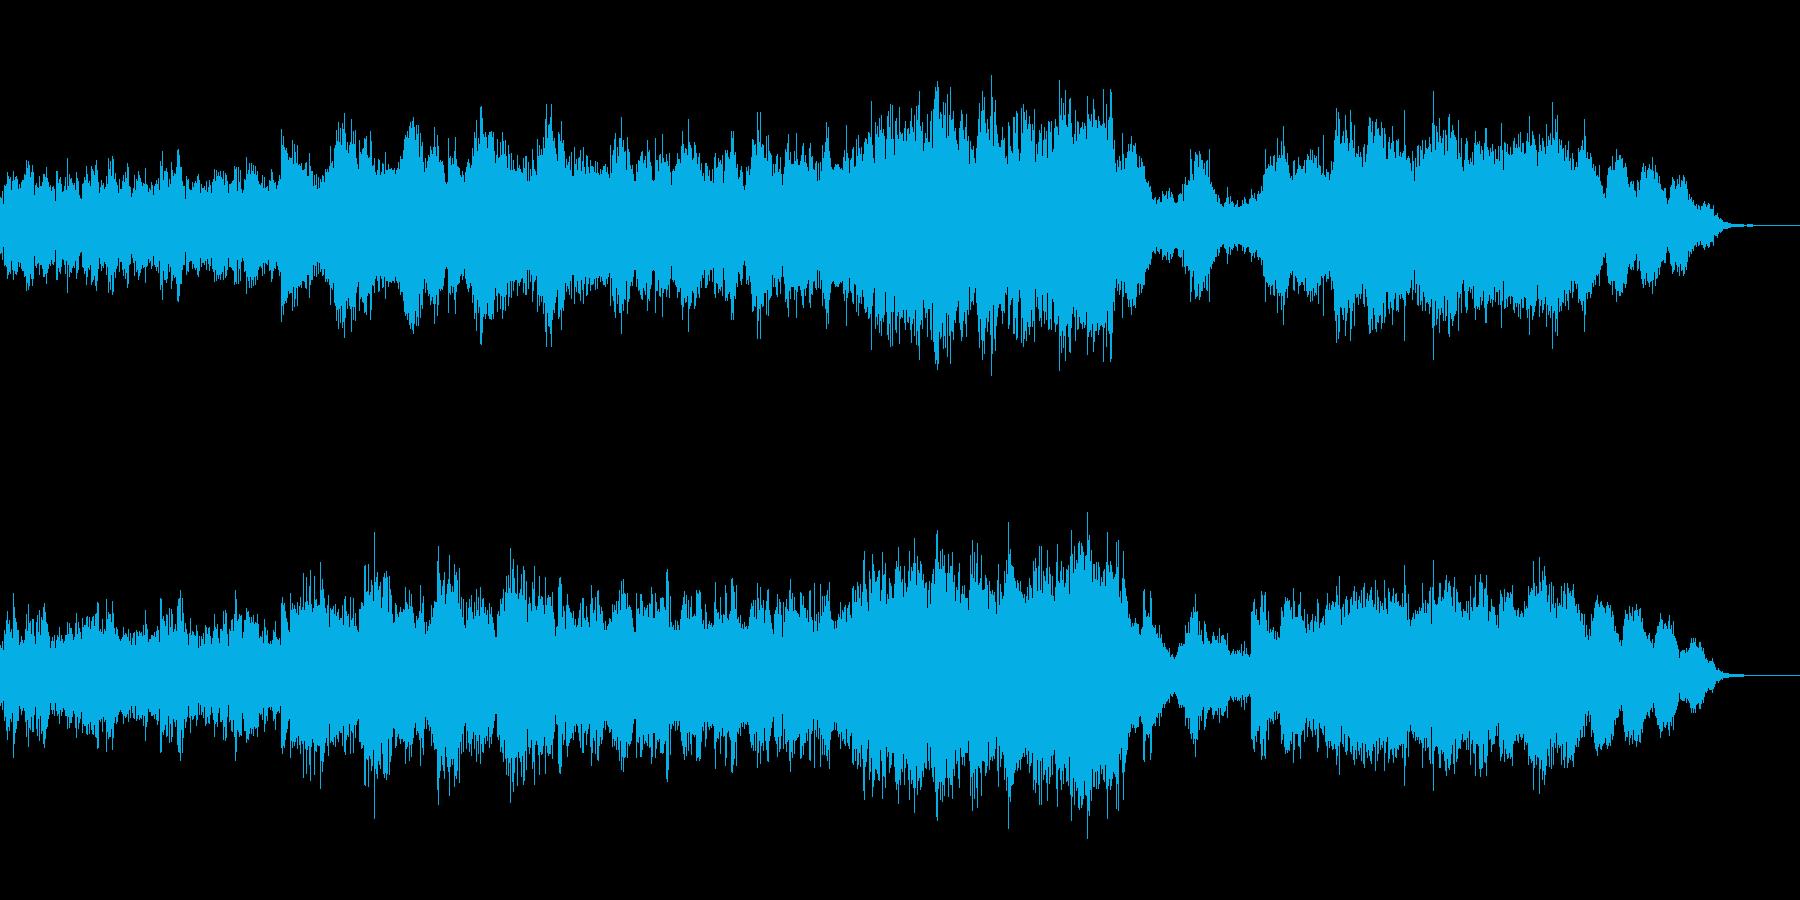 映像のためのアンビエントー水連の再生済みの波形